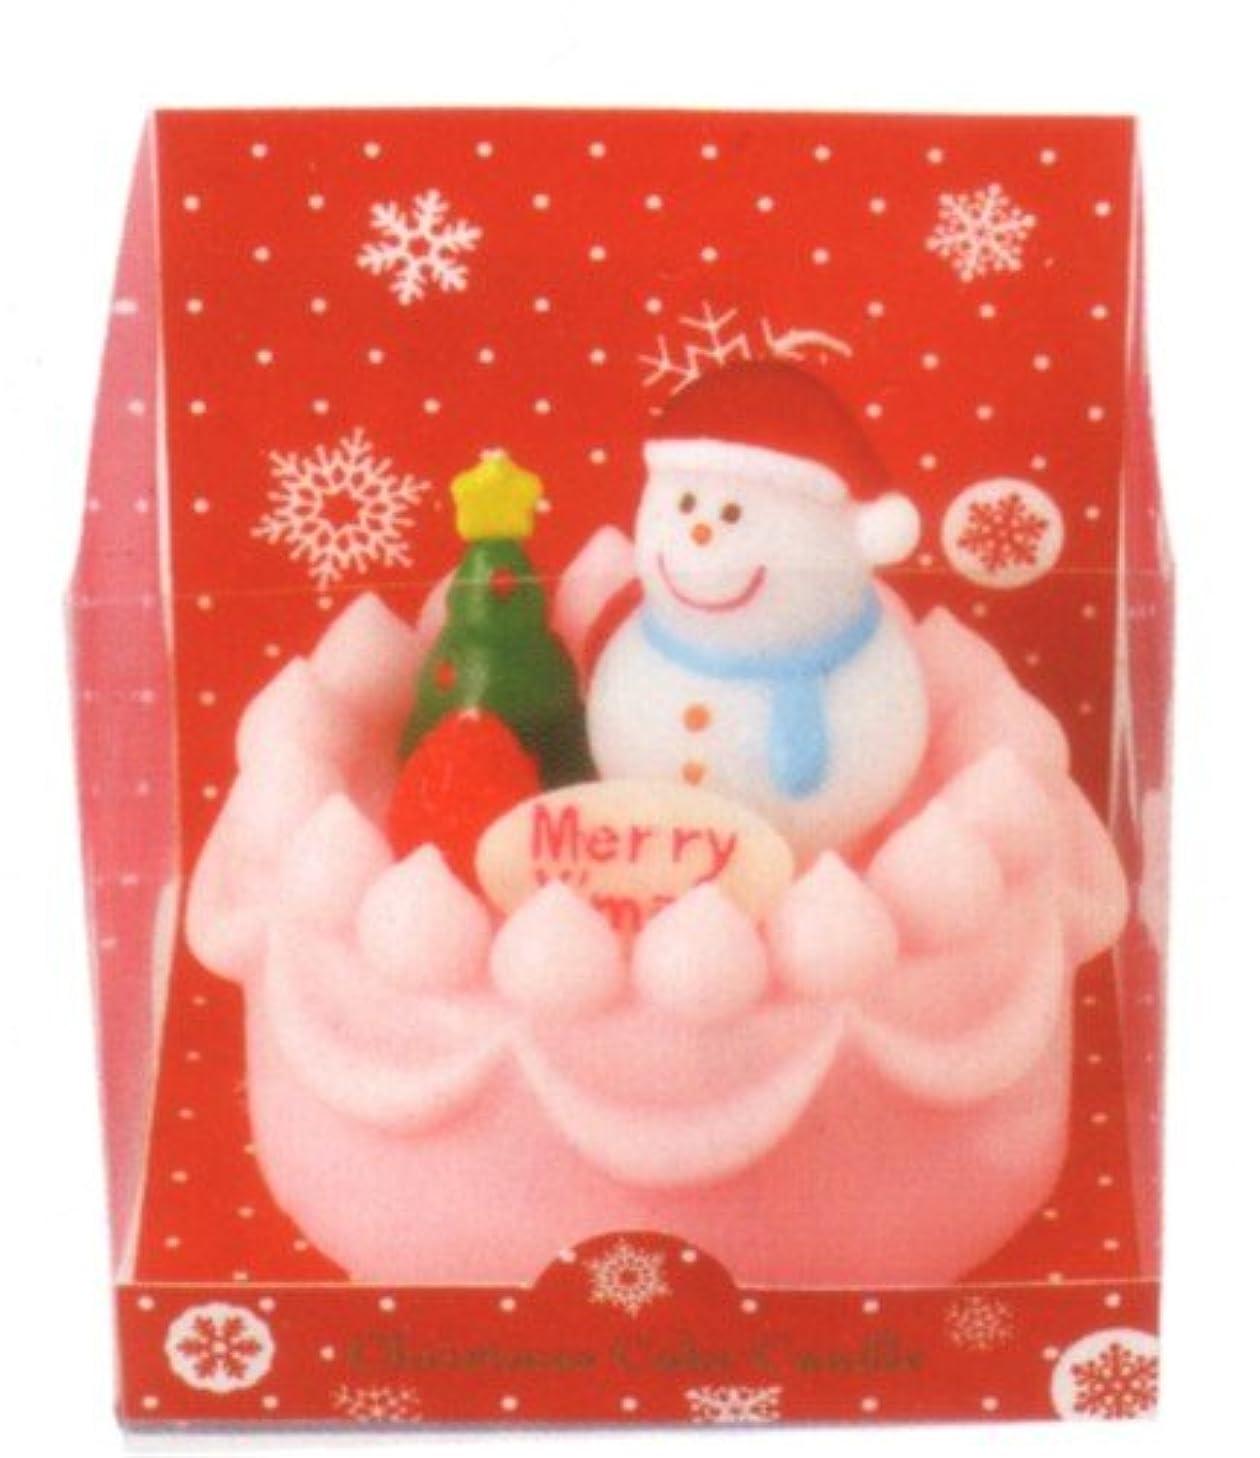 タンクコマースコイルクリスマスデコケーキキャンドル スノーマン